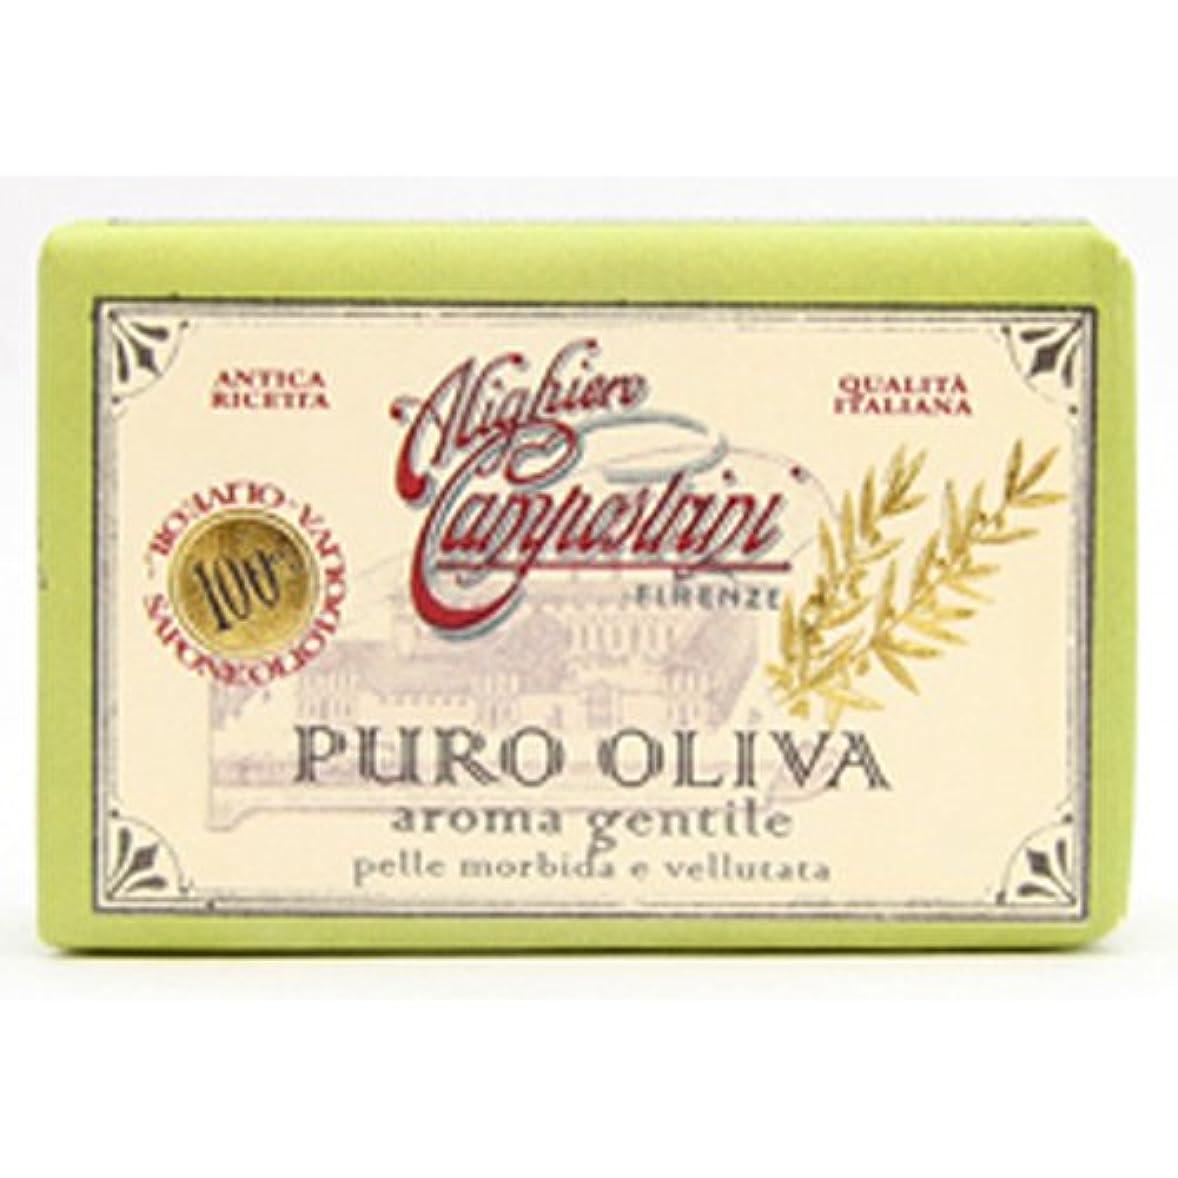 黙認するシュリンク研究所Saponerire Fissi サポネリーフィッシー PURO OLIVA Soap オリーブオイル ピュロ ソープ Aroma gentile ジェントル(グリーン)